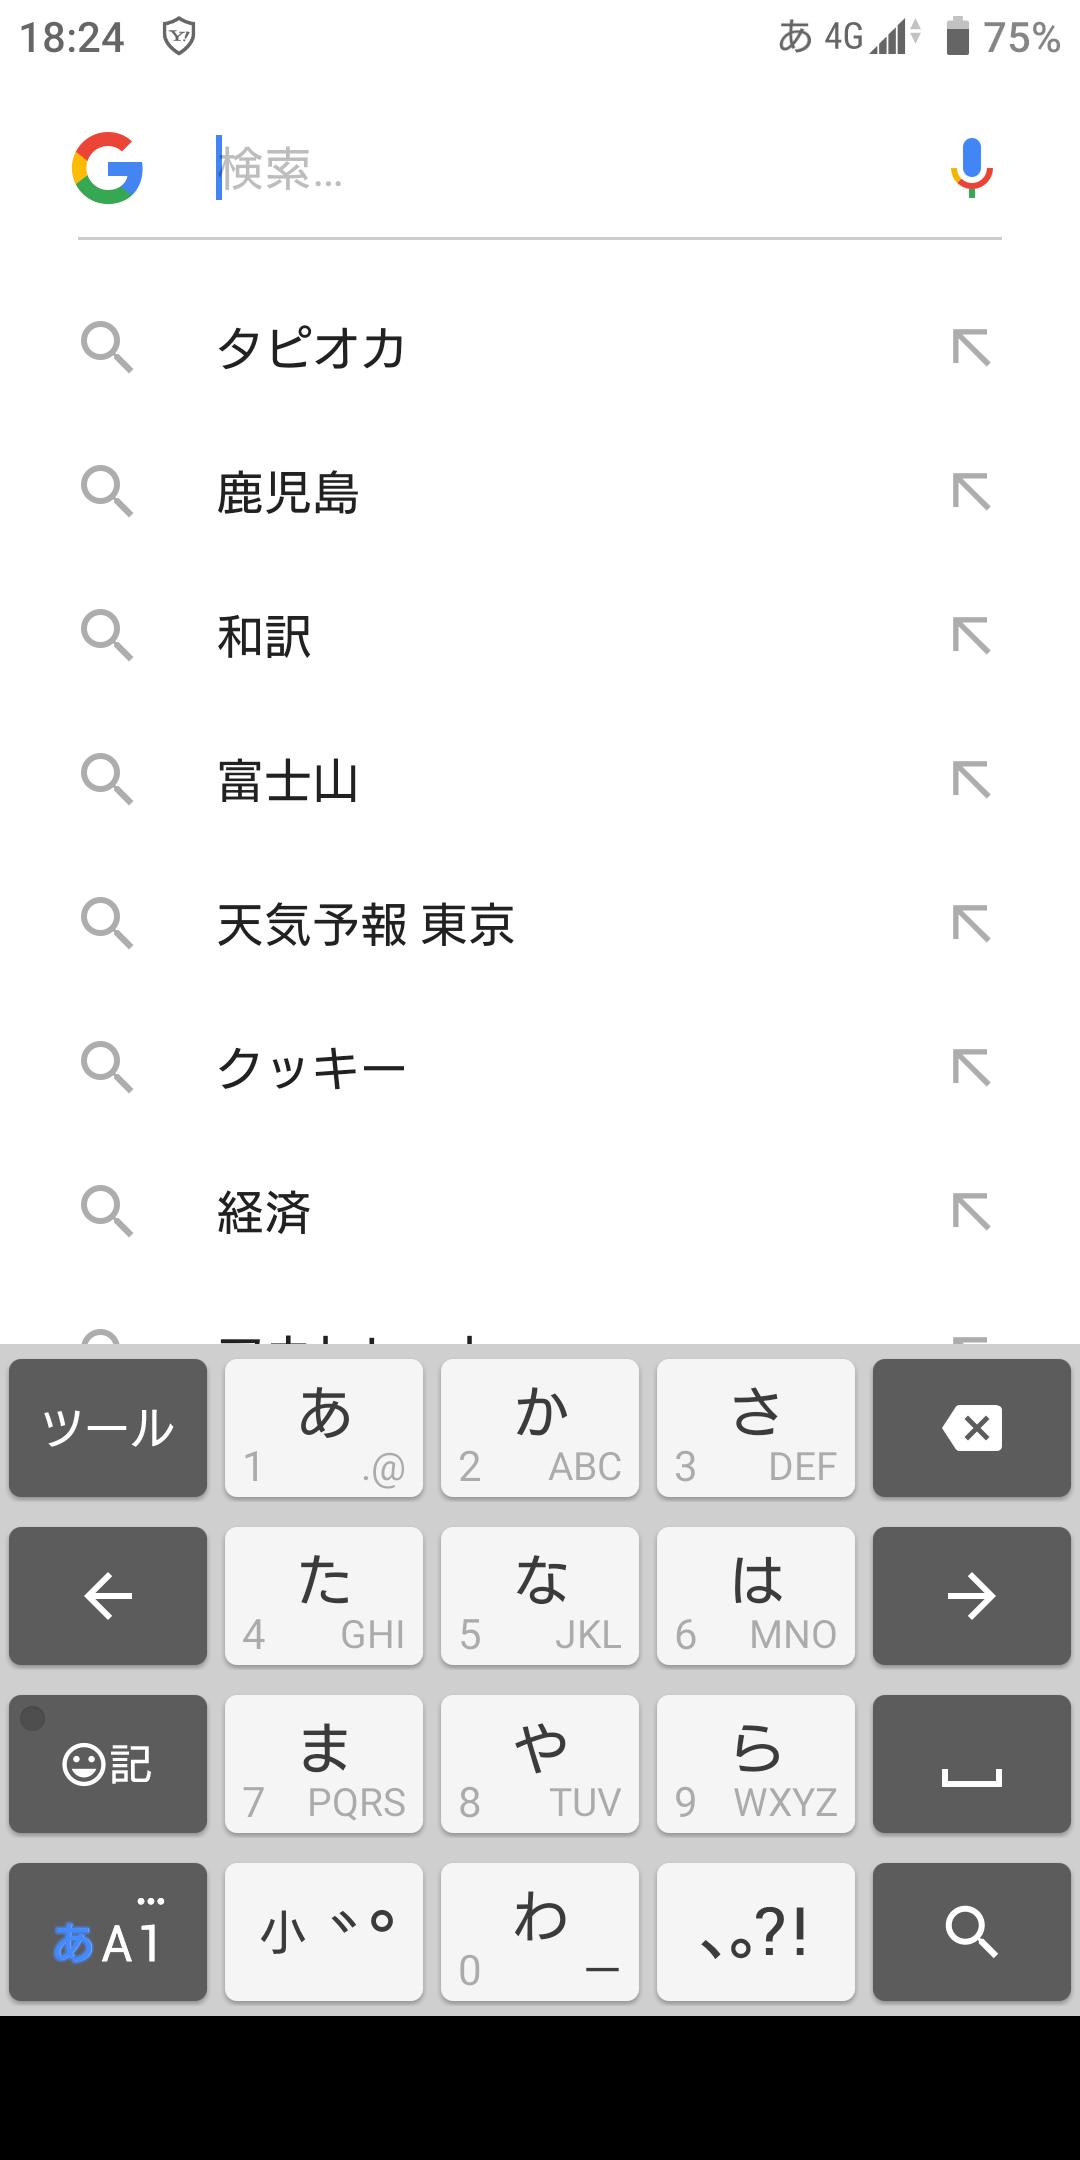 虫眼鏡マークが消えない , Google 検索 ヘルプ